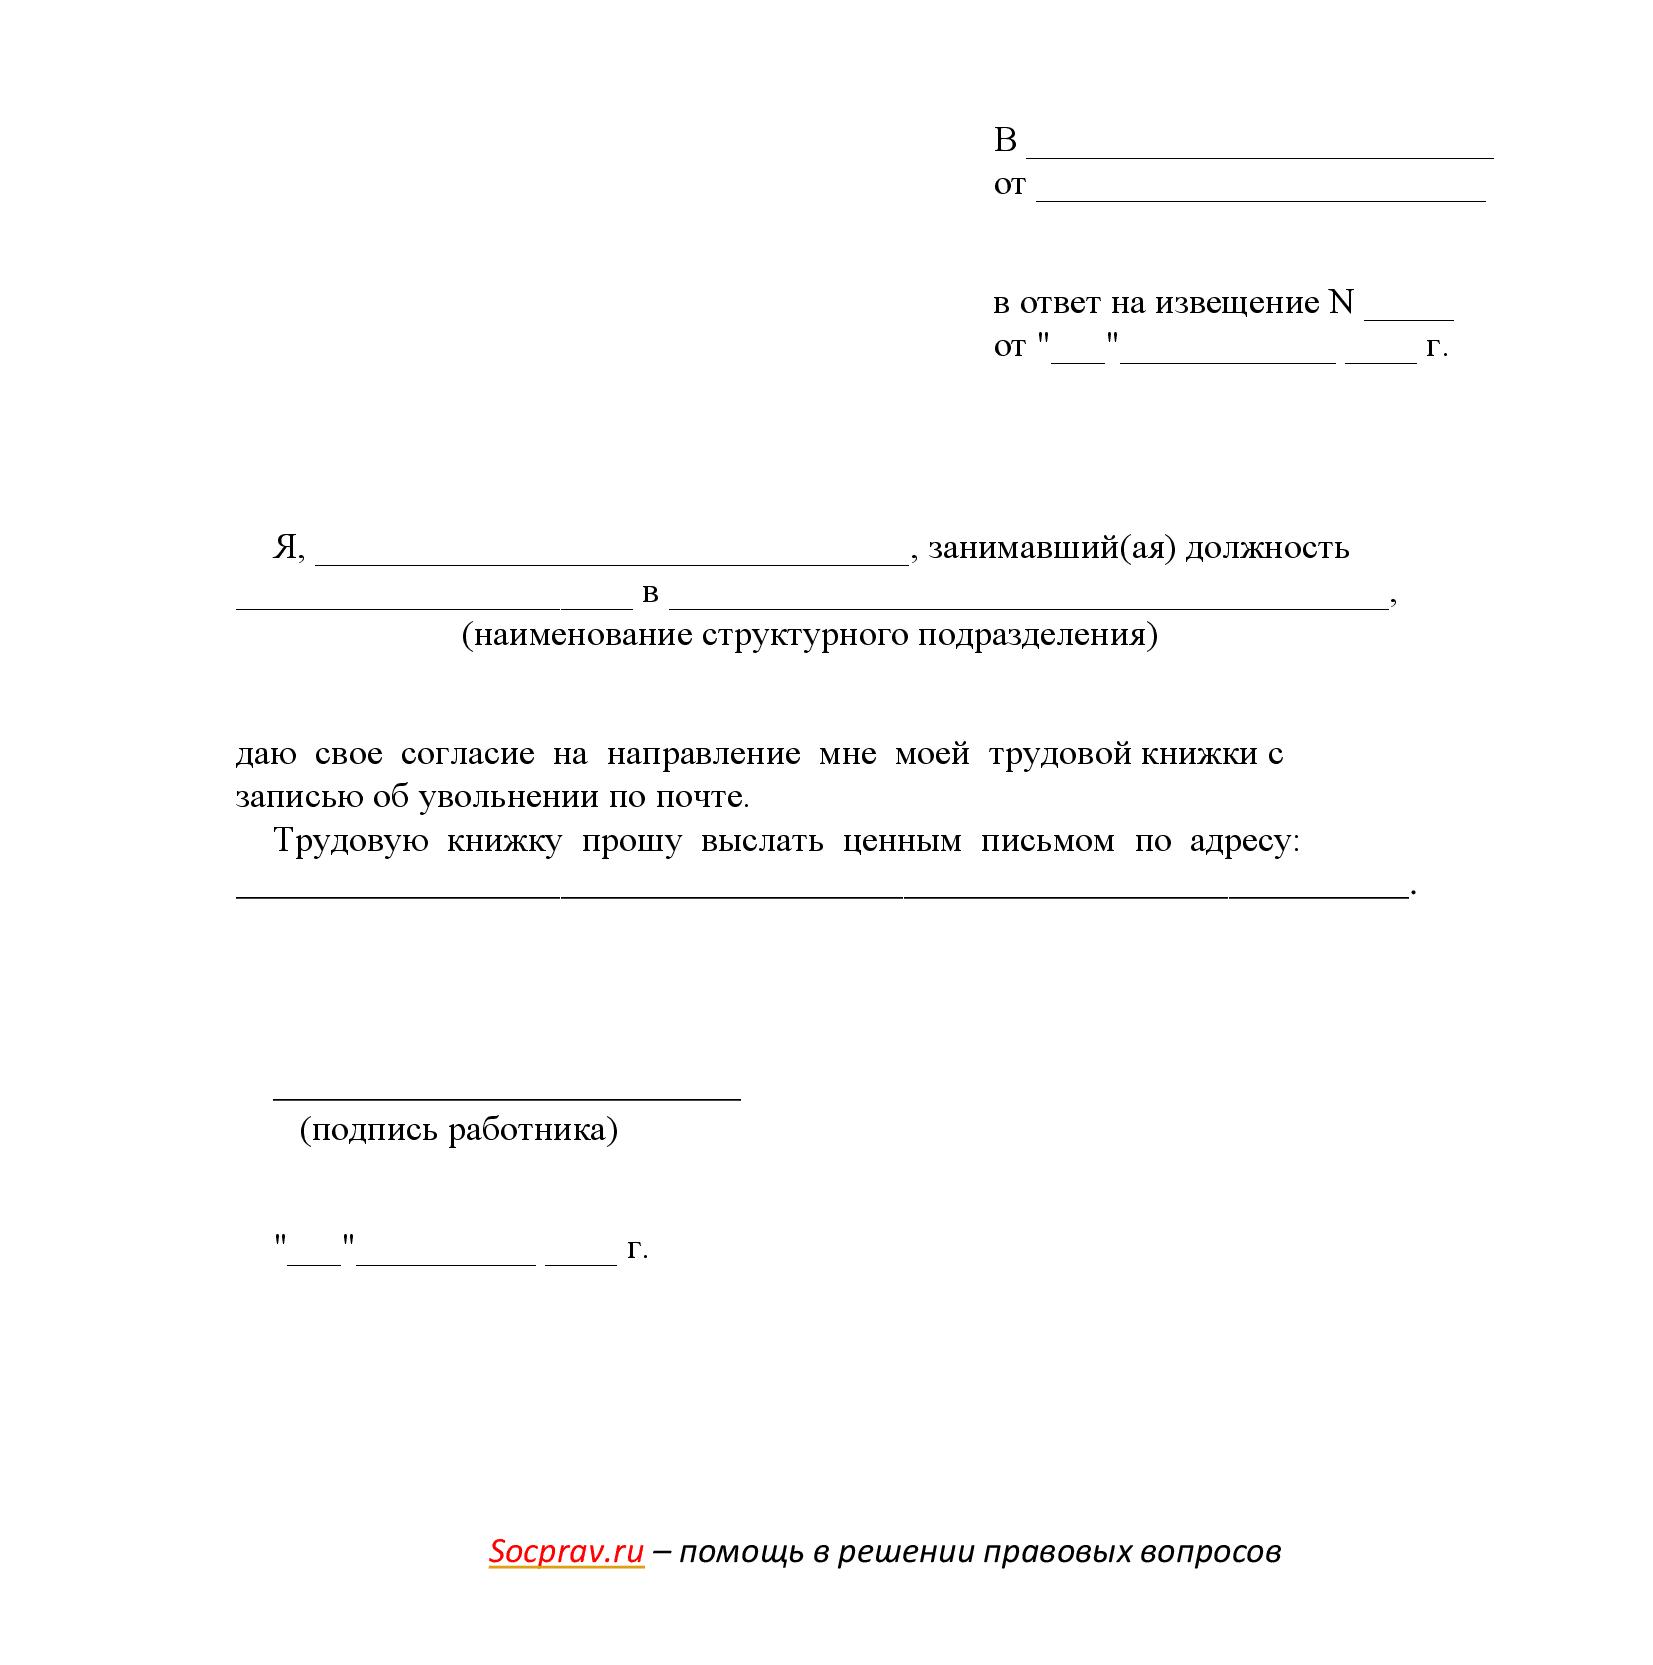 Согласие на отправку трудовой книжки почтой